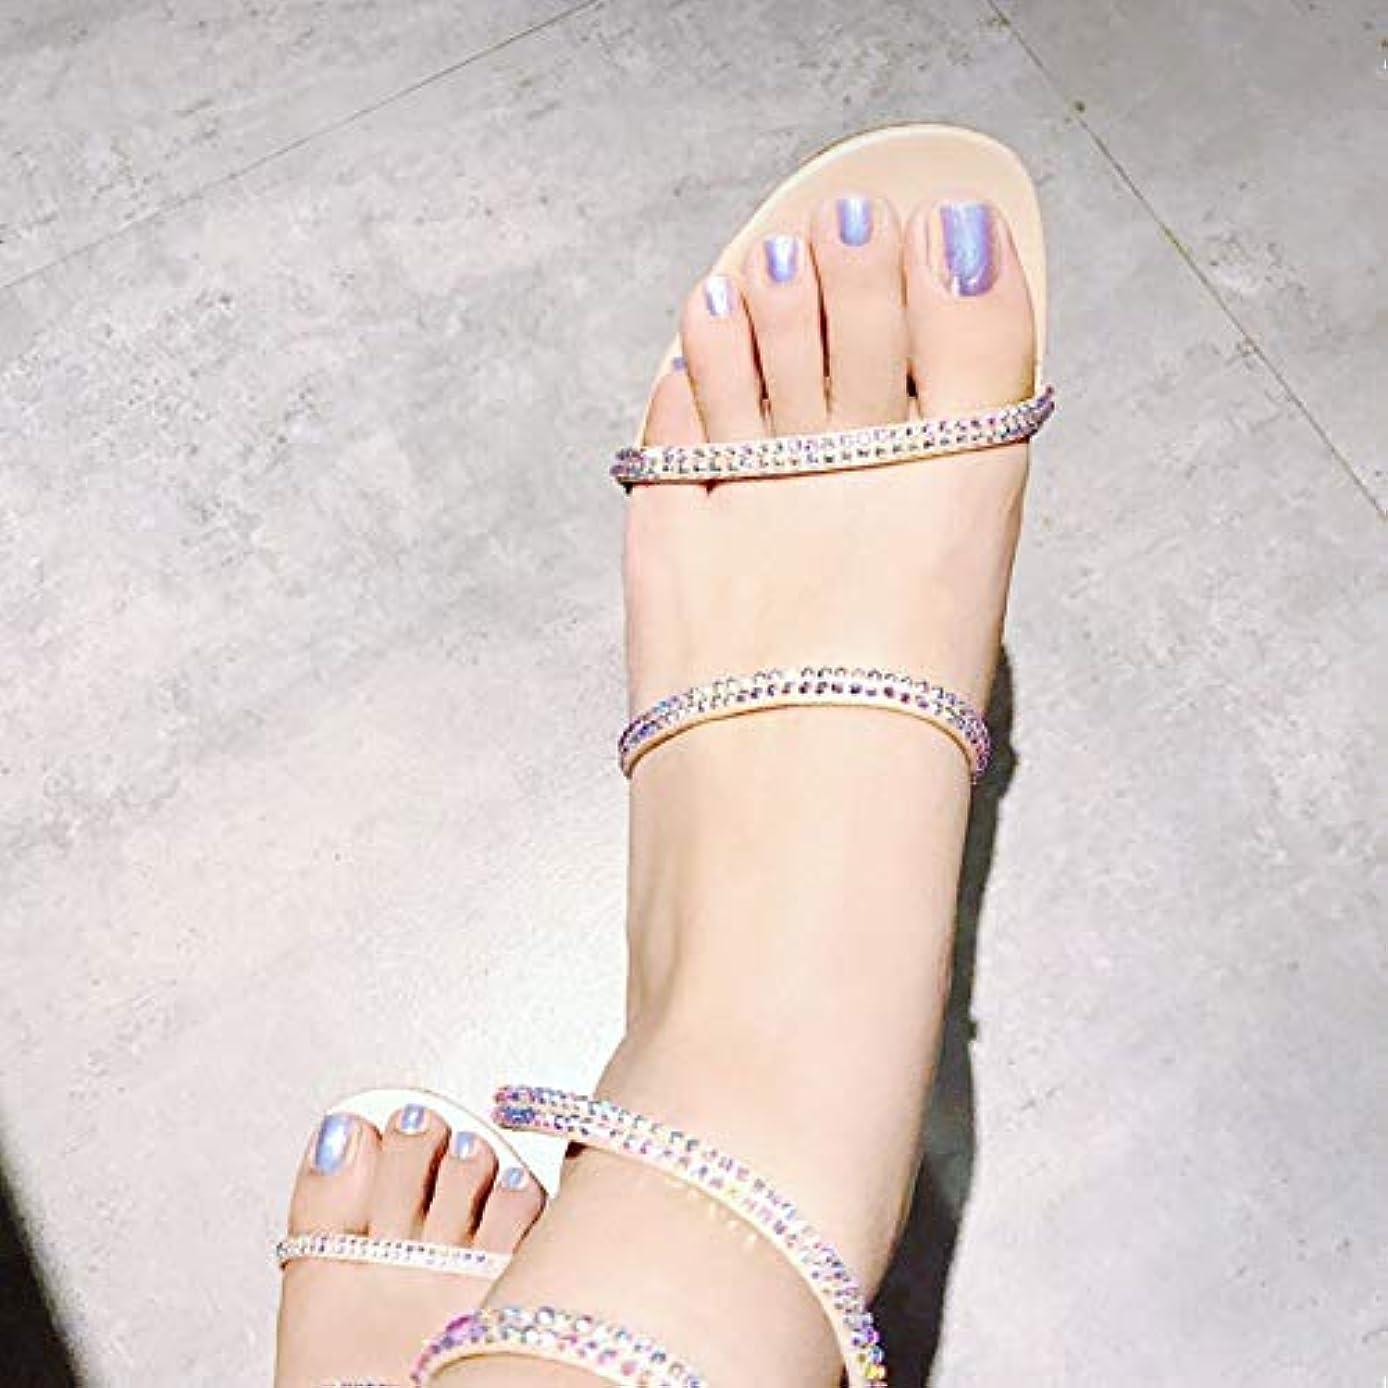 ゼリーホイットニー強制的足用24枚 純色 真珠光沢ネイルチップ 金属光の付け爪 手作りネイルチップ ネイルジュエリー つけ爪 シンプル 両面接着テープ付き 結婚式、パーティー、二次会など